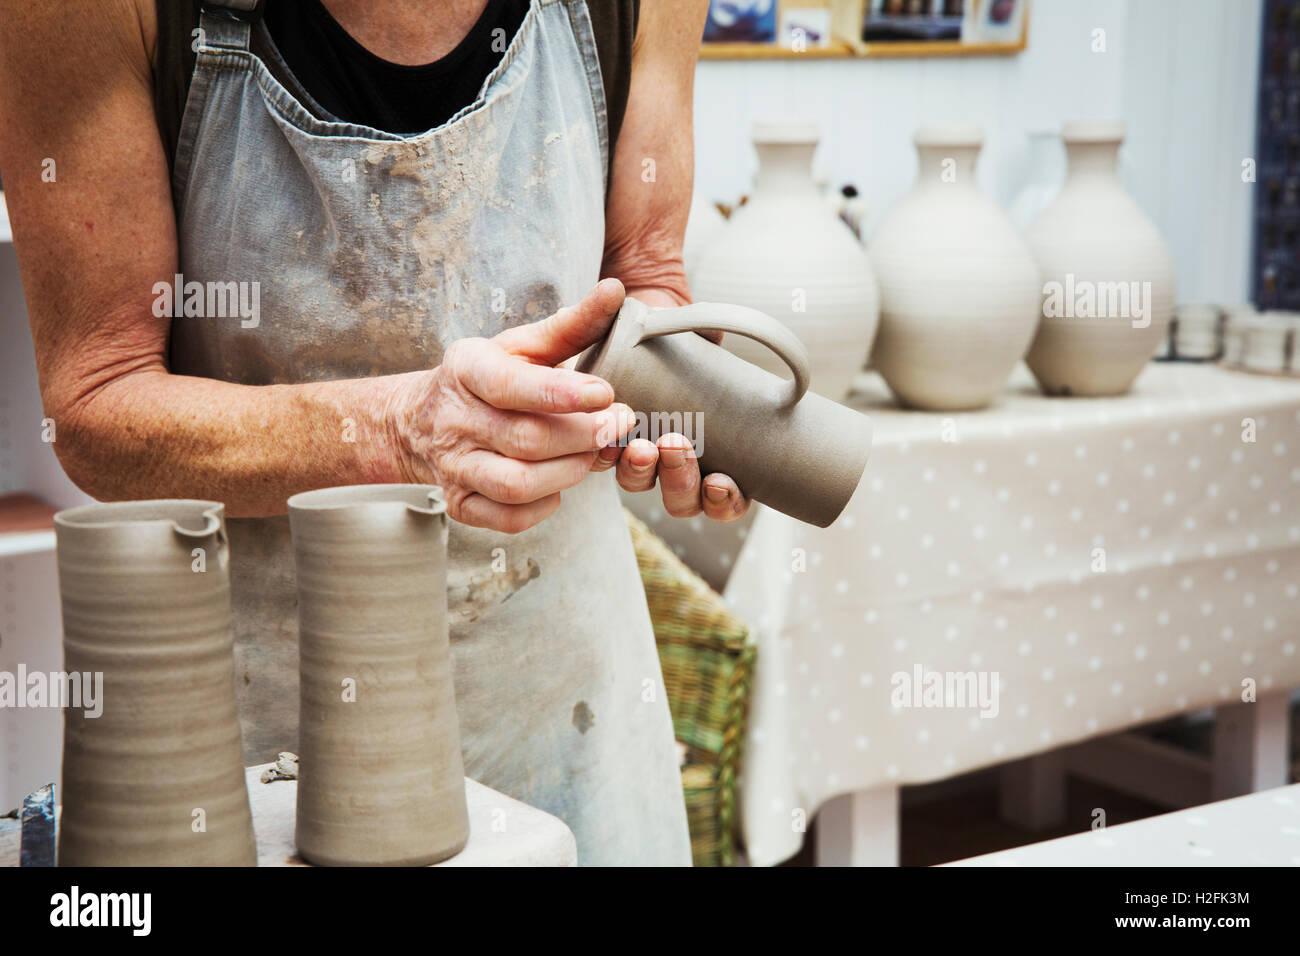 Un alfarero manejo de una olla de barro húmedo, suavizando la parte inferior y prepararla para alimentación de hornos. Foto de stock